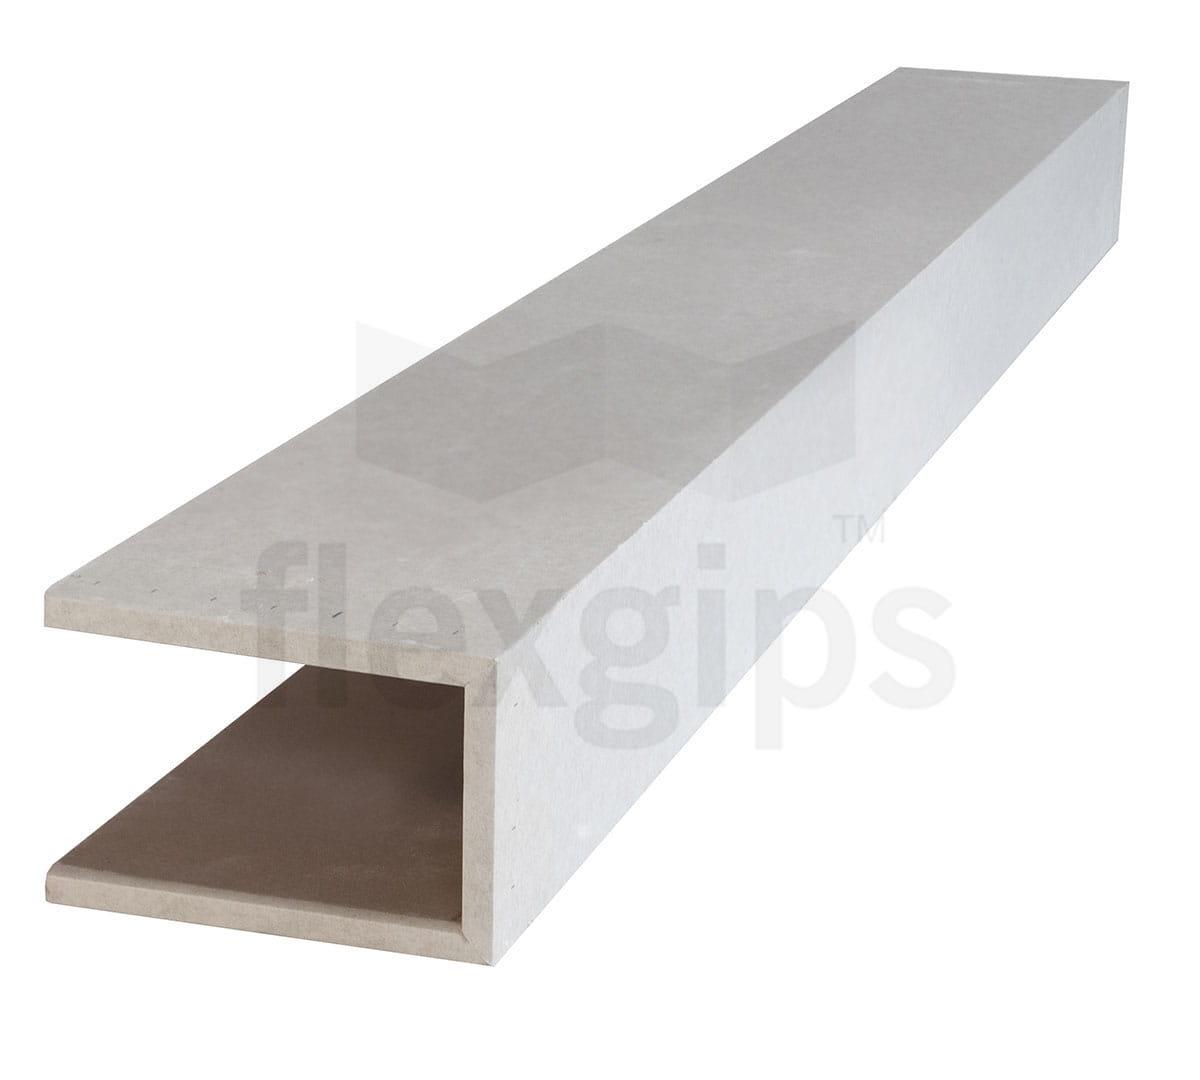 Profil U 100 - 1,2mb Sklep FlexGips